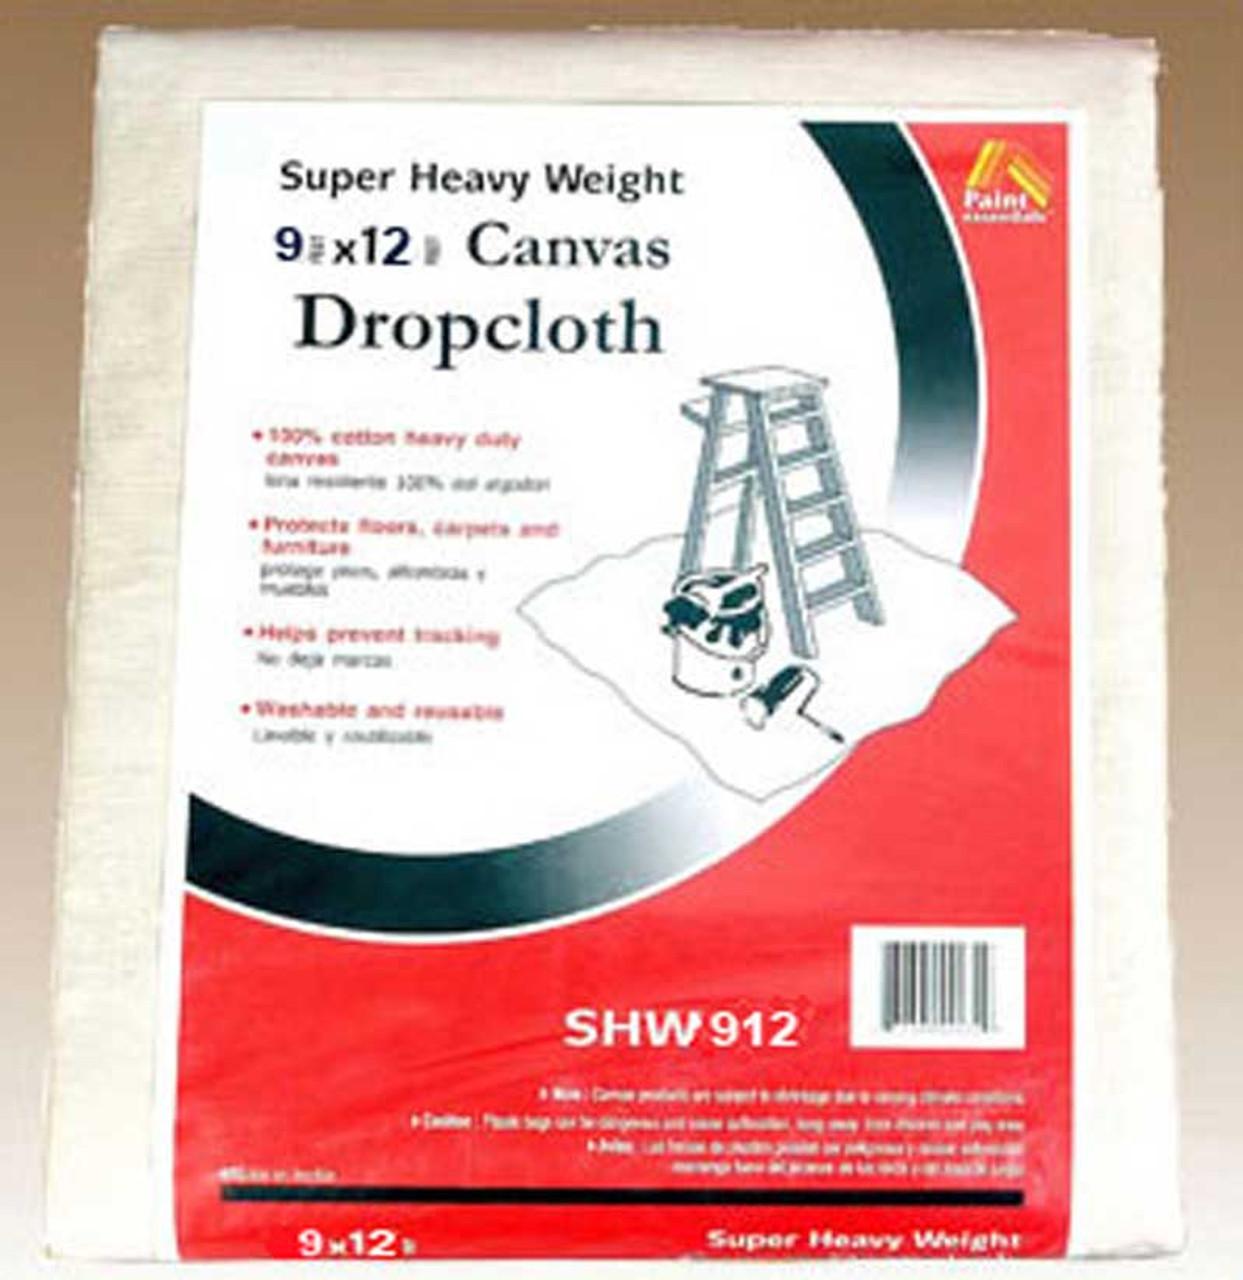 9x12 Canvas Drop Cloth